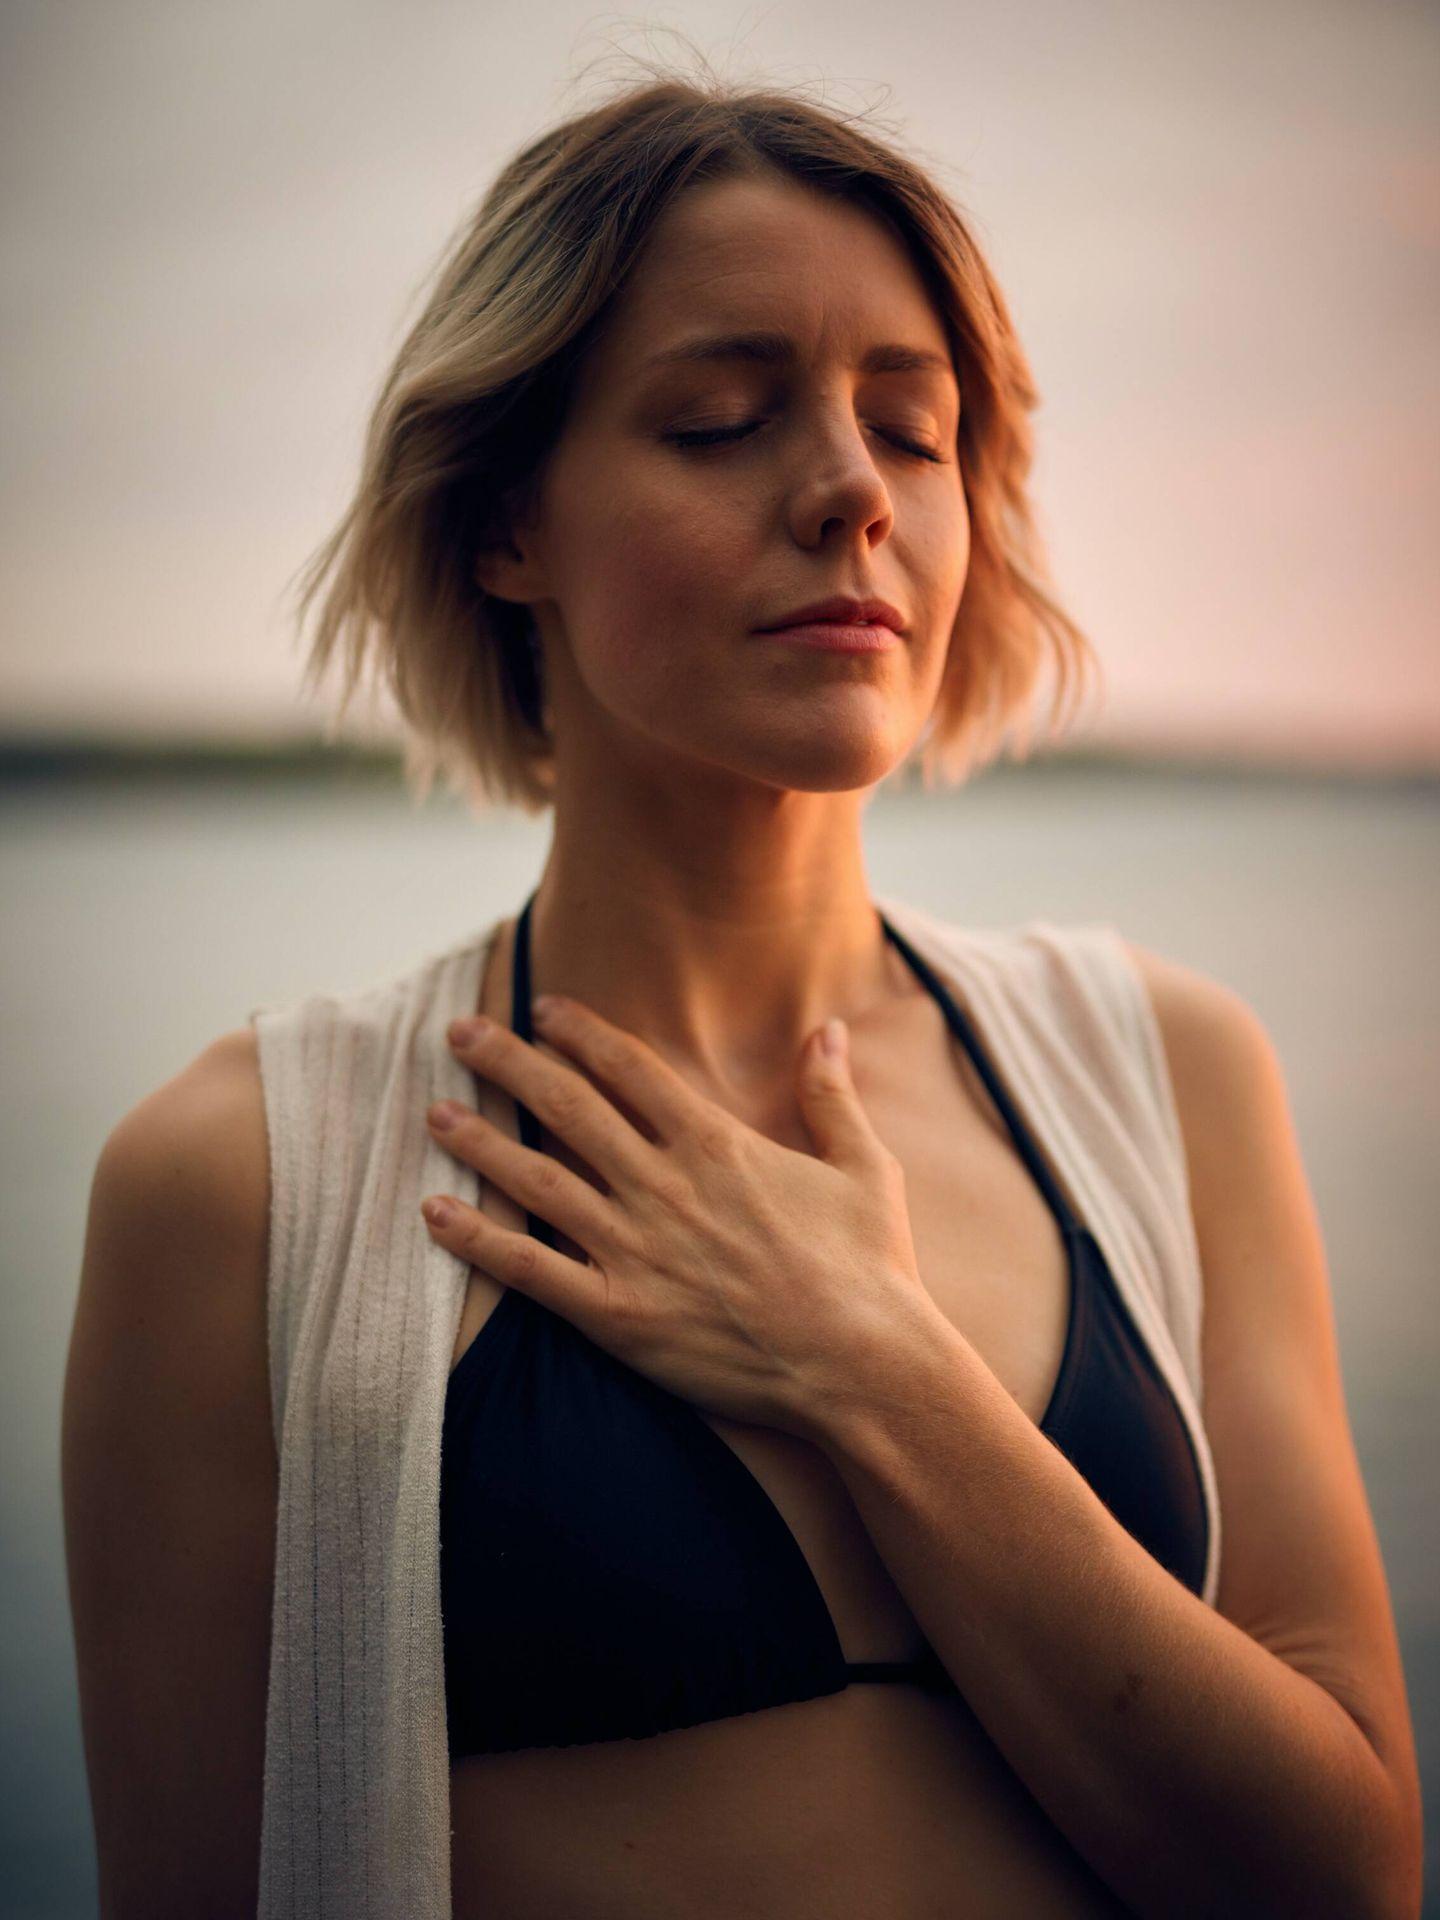 Tipos de meditación y para qué sirven. (Darius Bashar para Unsplash)